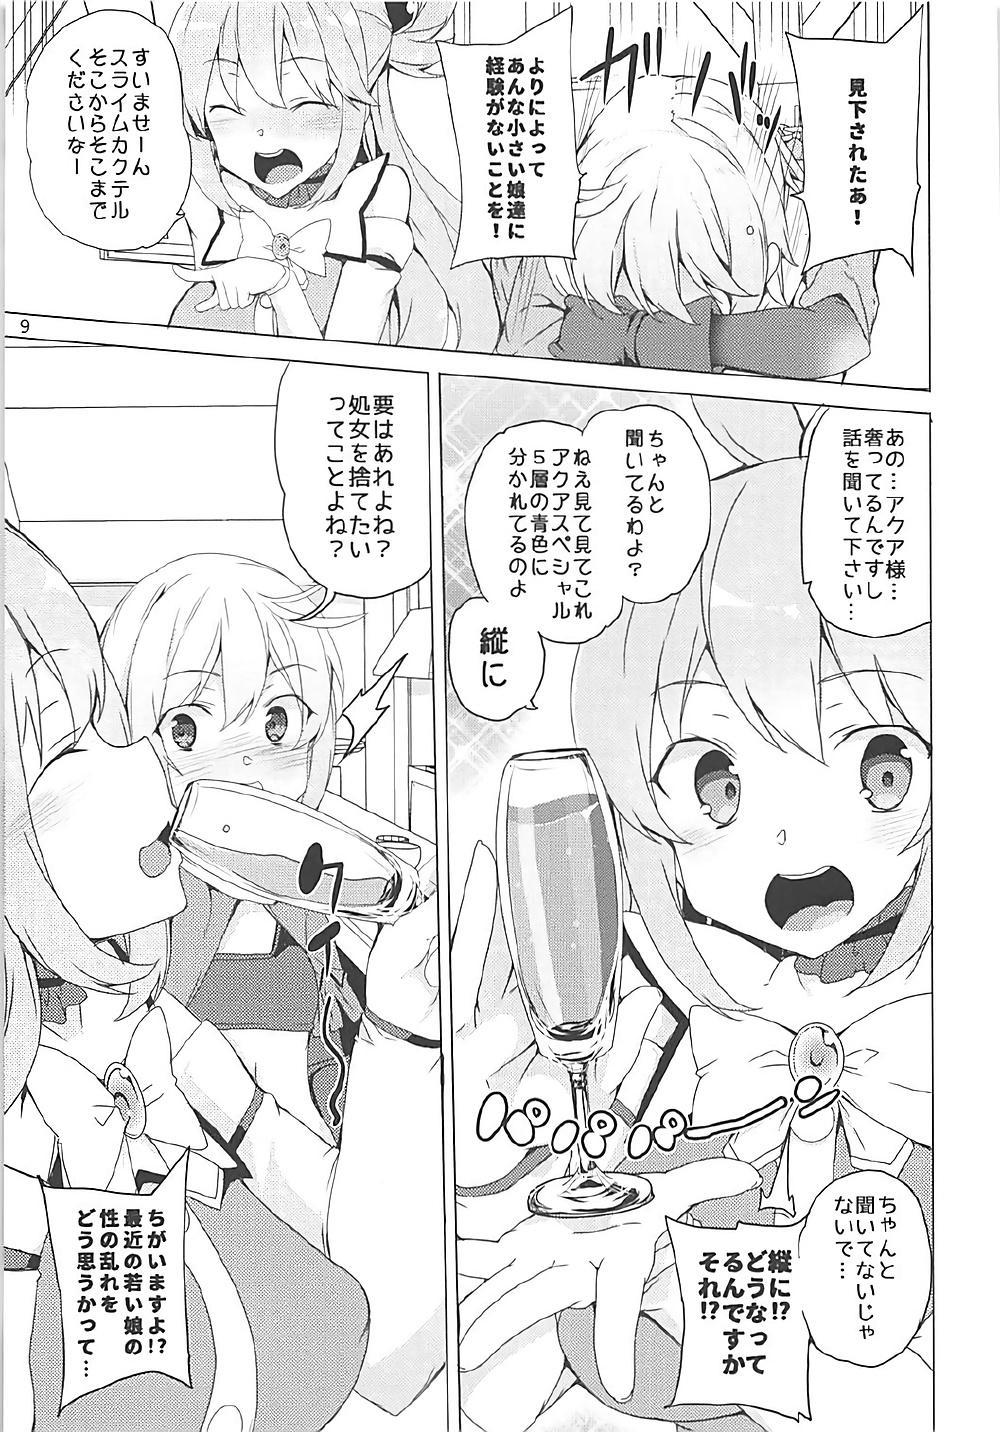 Kono Subarashii Megami-tachi to 3P o! 5